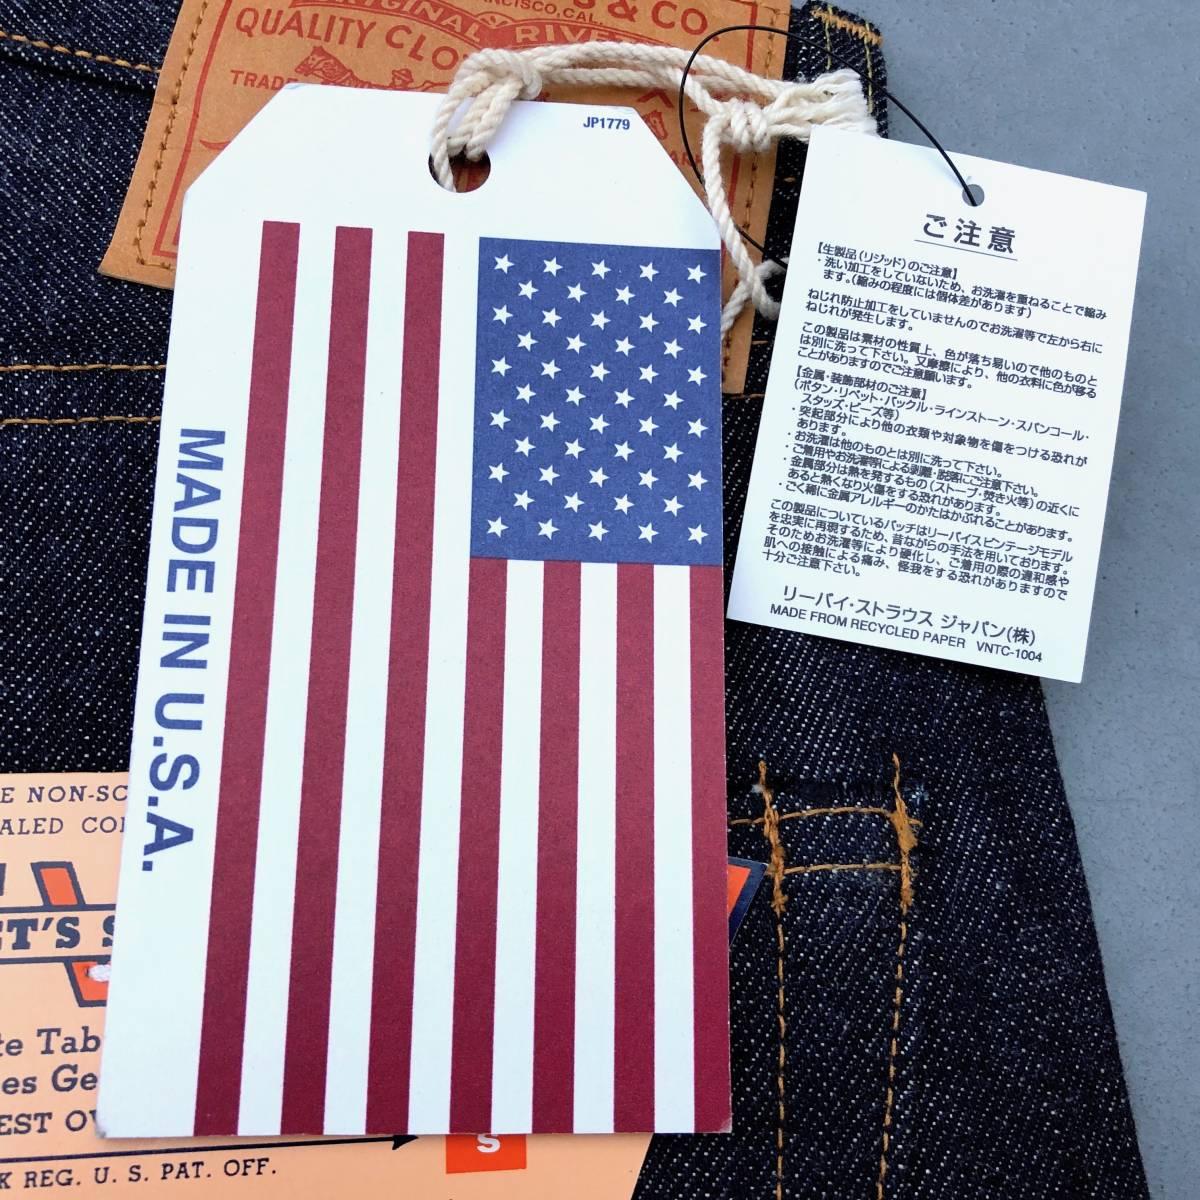 旧 米国製 1955モデル 日本企画 LEVI'S VINTAGE CLOTHING 501XX 55501-0051 W34 L36 リジッド 新品デニムパンツ アメリカUSA製 50s 55s LVC_画像2